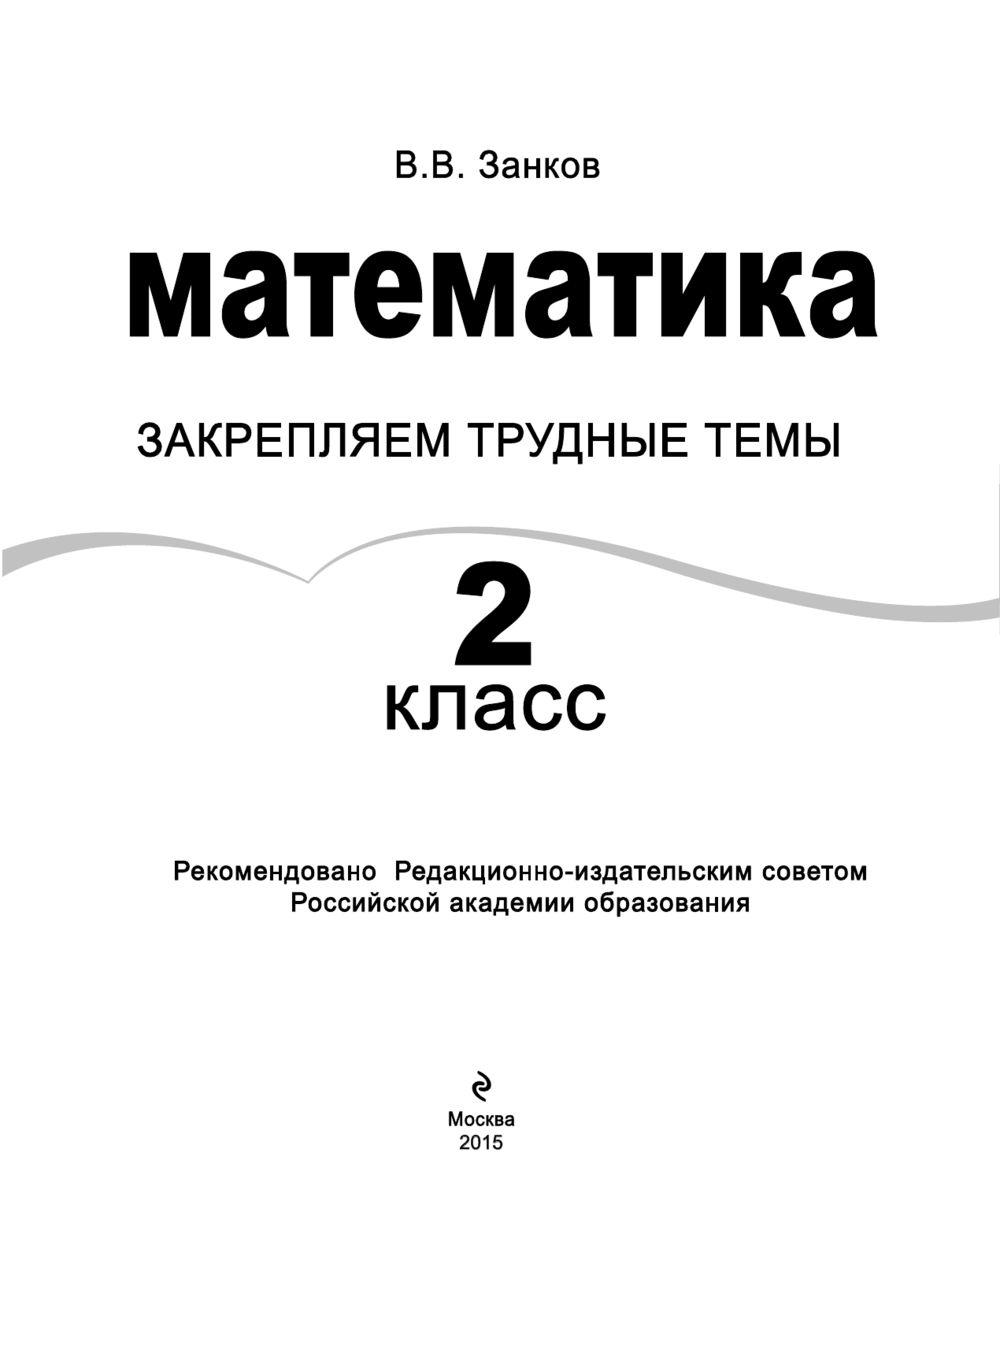 Математика класс Закрепляем трудные темы Владимир Занков  Математика 2 класс Закрепляем трудные темы фото